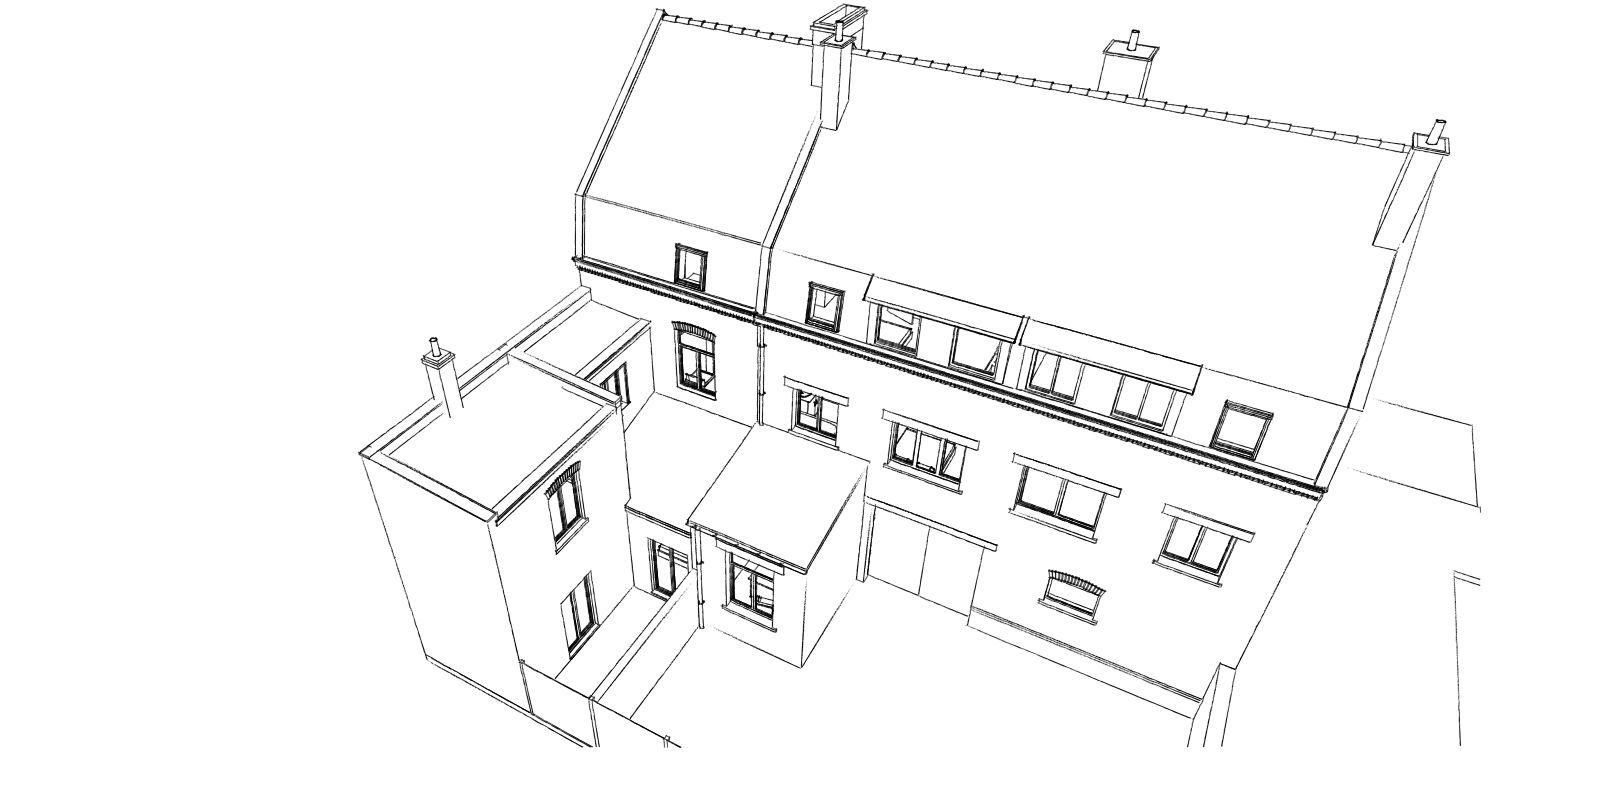 16.03 Atelier permis de construire nord maison La Chapelle d'Armentières2